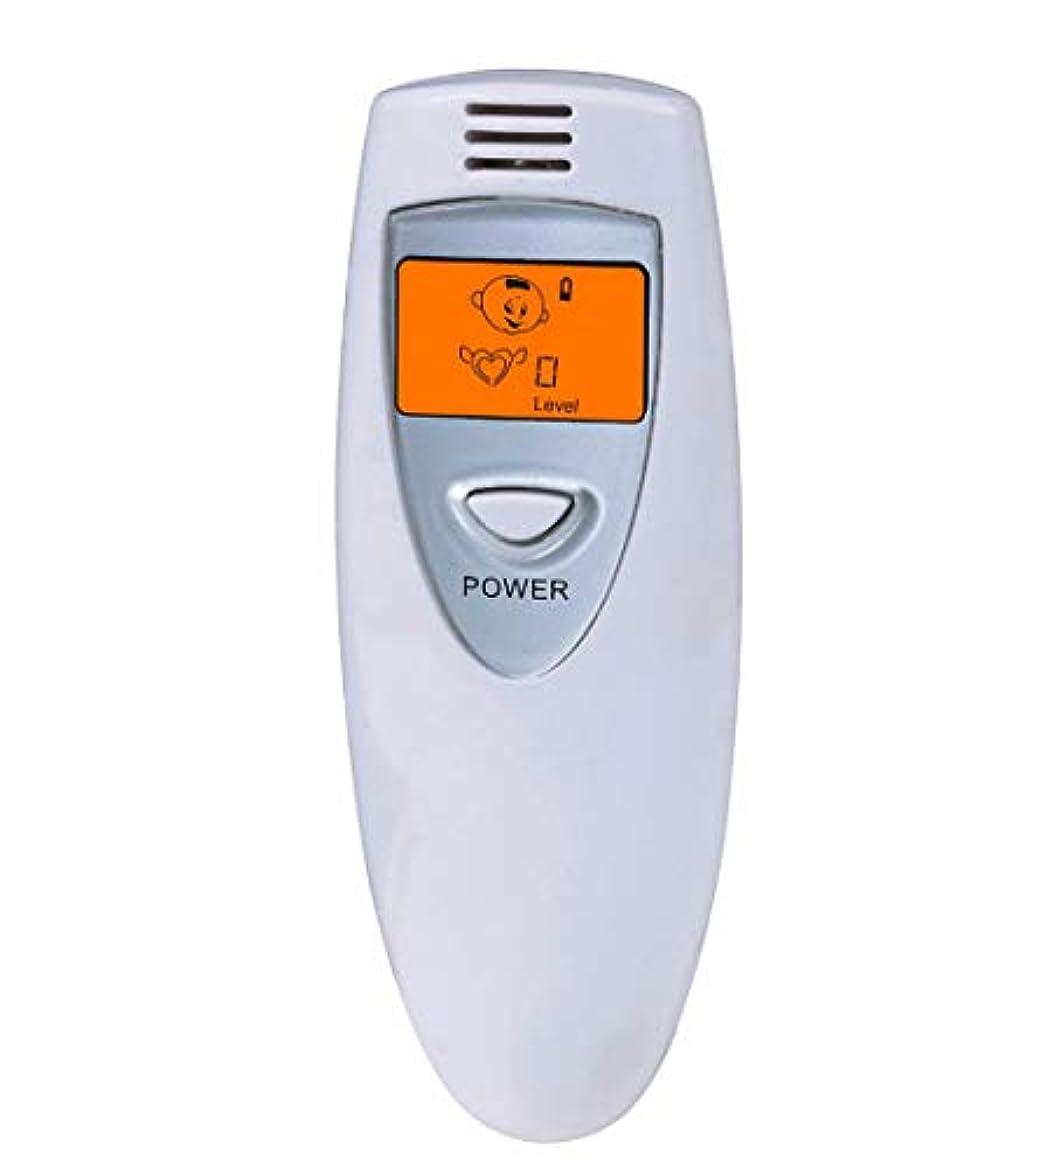 消費丘対称【瞬時測定】 携帯ブレスチェッカー デジタル口臭チェッカー 5段階レベル表示 コンパークト口臭予防検査器 大人子供エチケット (Grey)